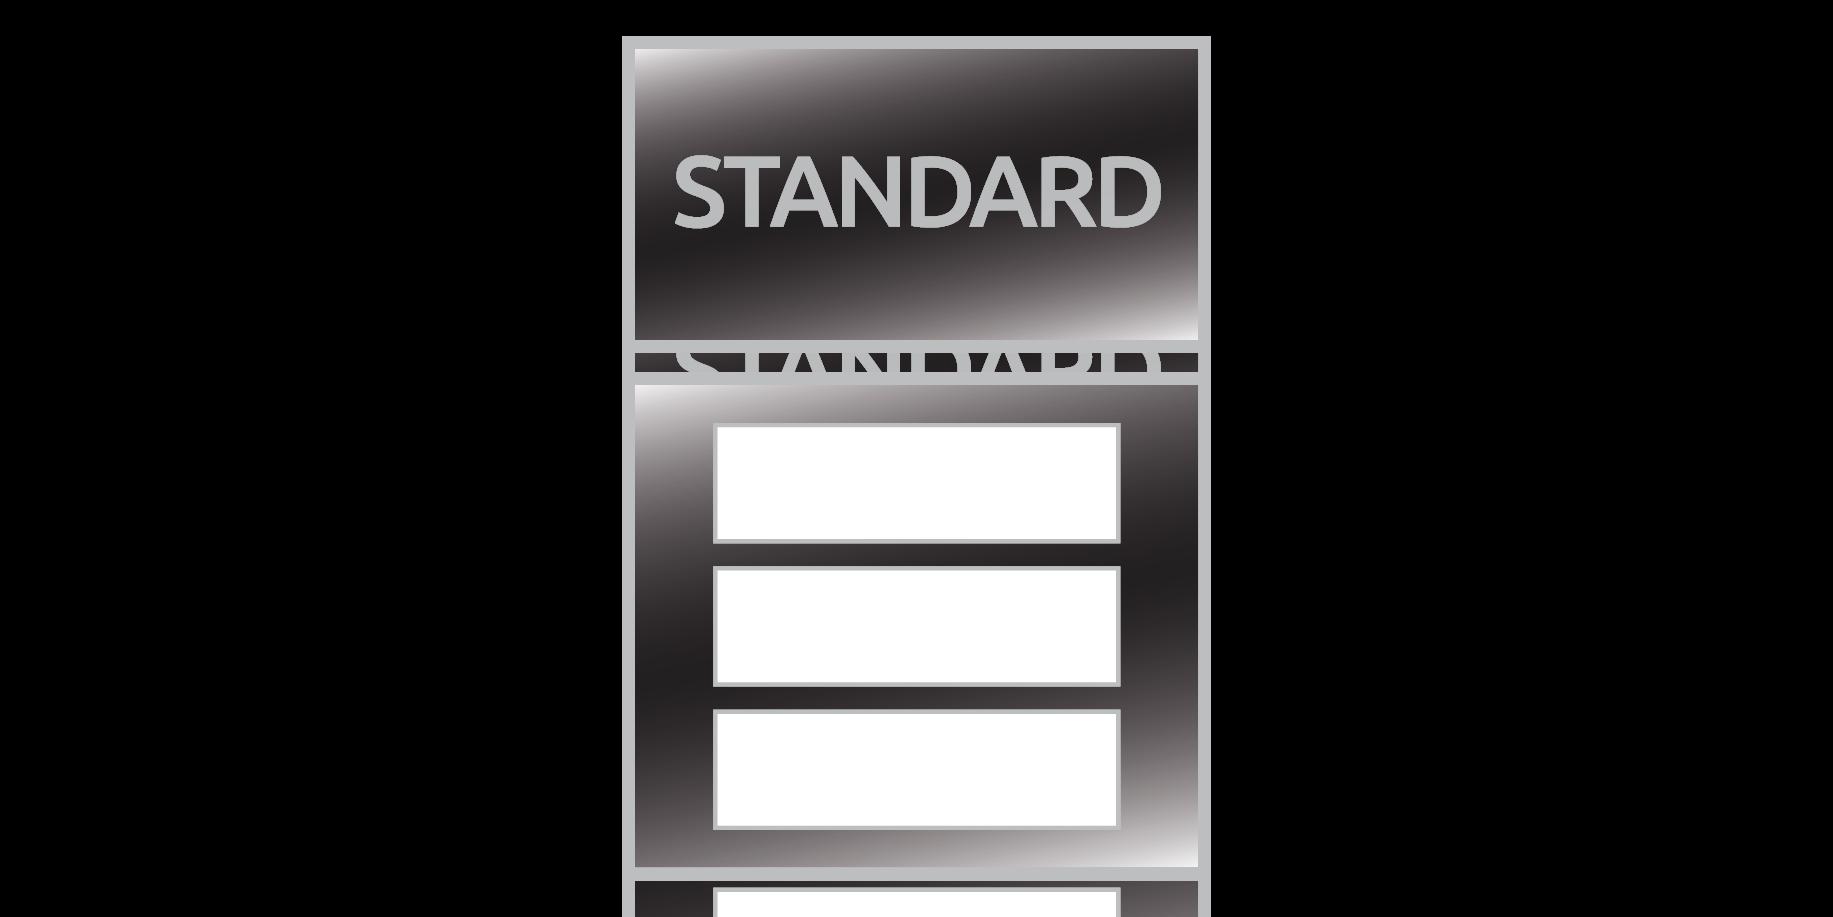 StudioKalendarzy.pl - kalendarze trójdzielne standard